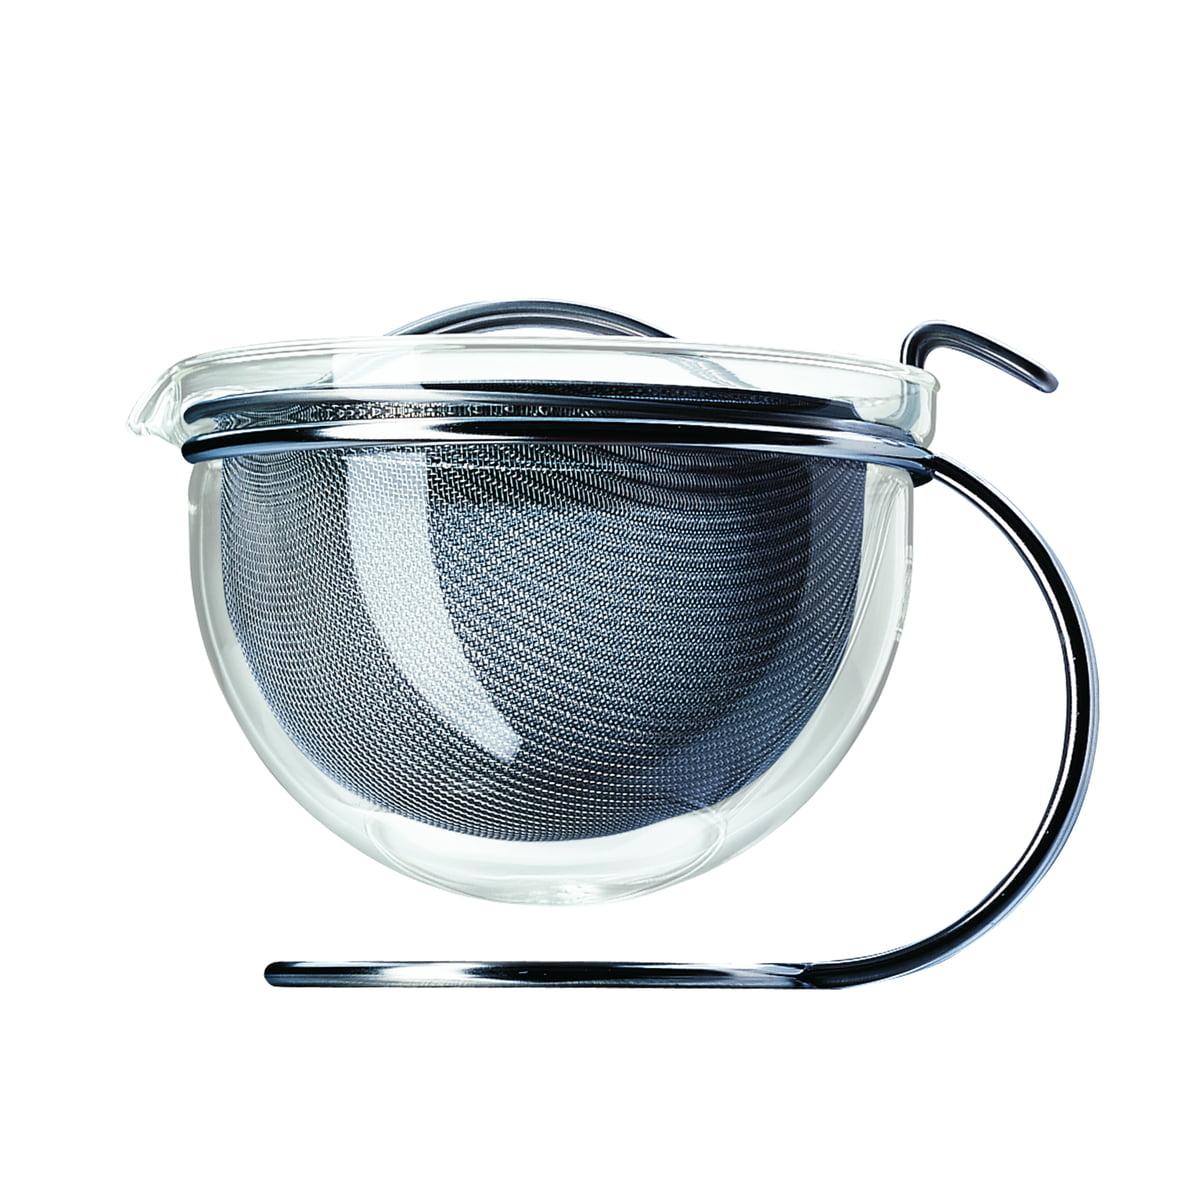 mono filio - Portionsteekanne   Küche und Esszimmer > Kaffee und Tee > Teekocher   Transparent -  durchsichtig   Chromnickel-edelstahl 18/10 -  borosilikatglas   mono